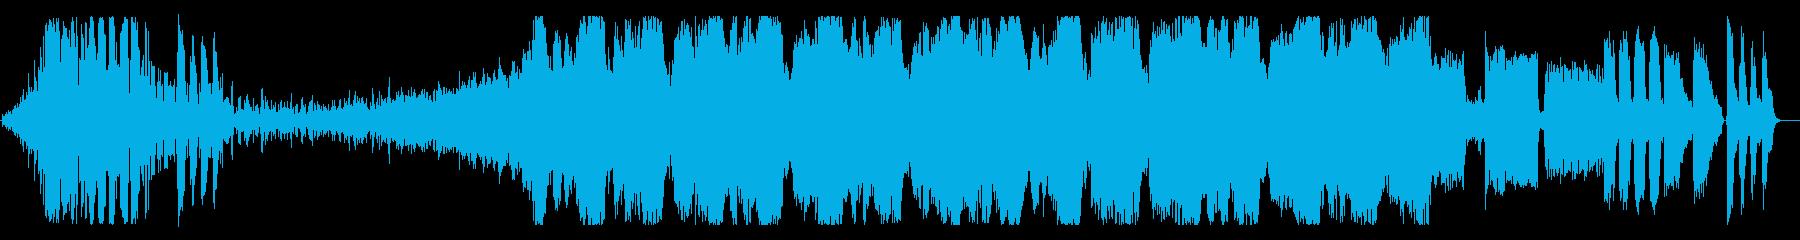 エキサイティングなEDMオープニングの再生済みの波形